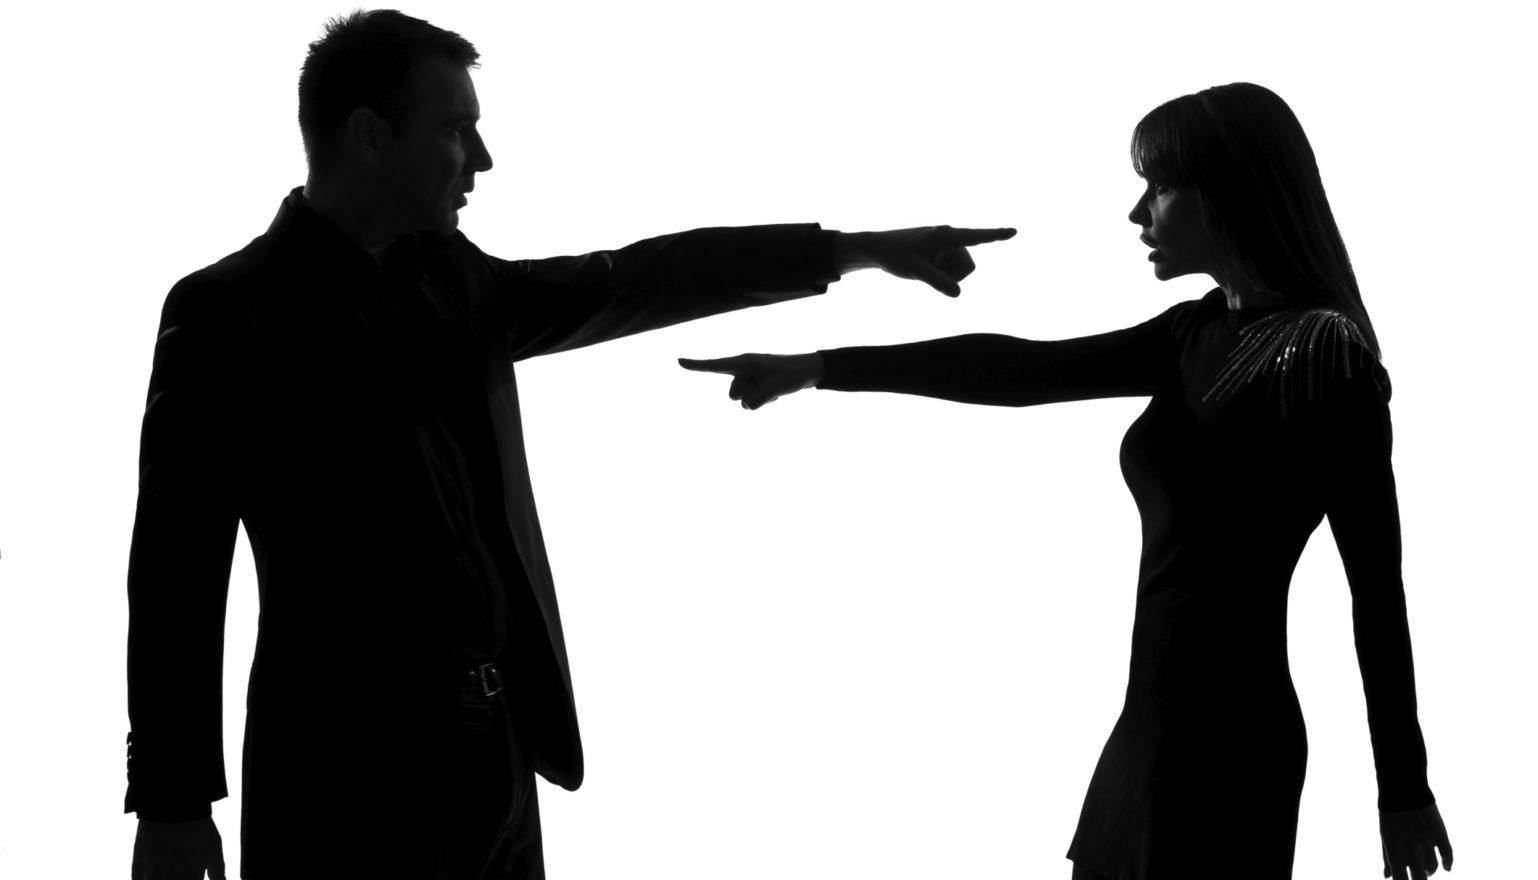 Kui tööl üksteist ei usaldata